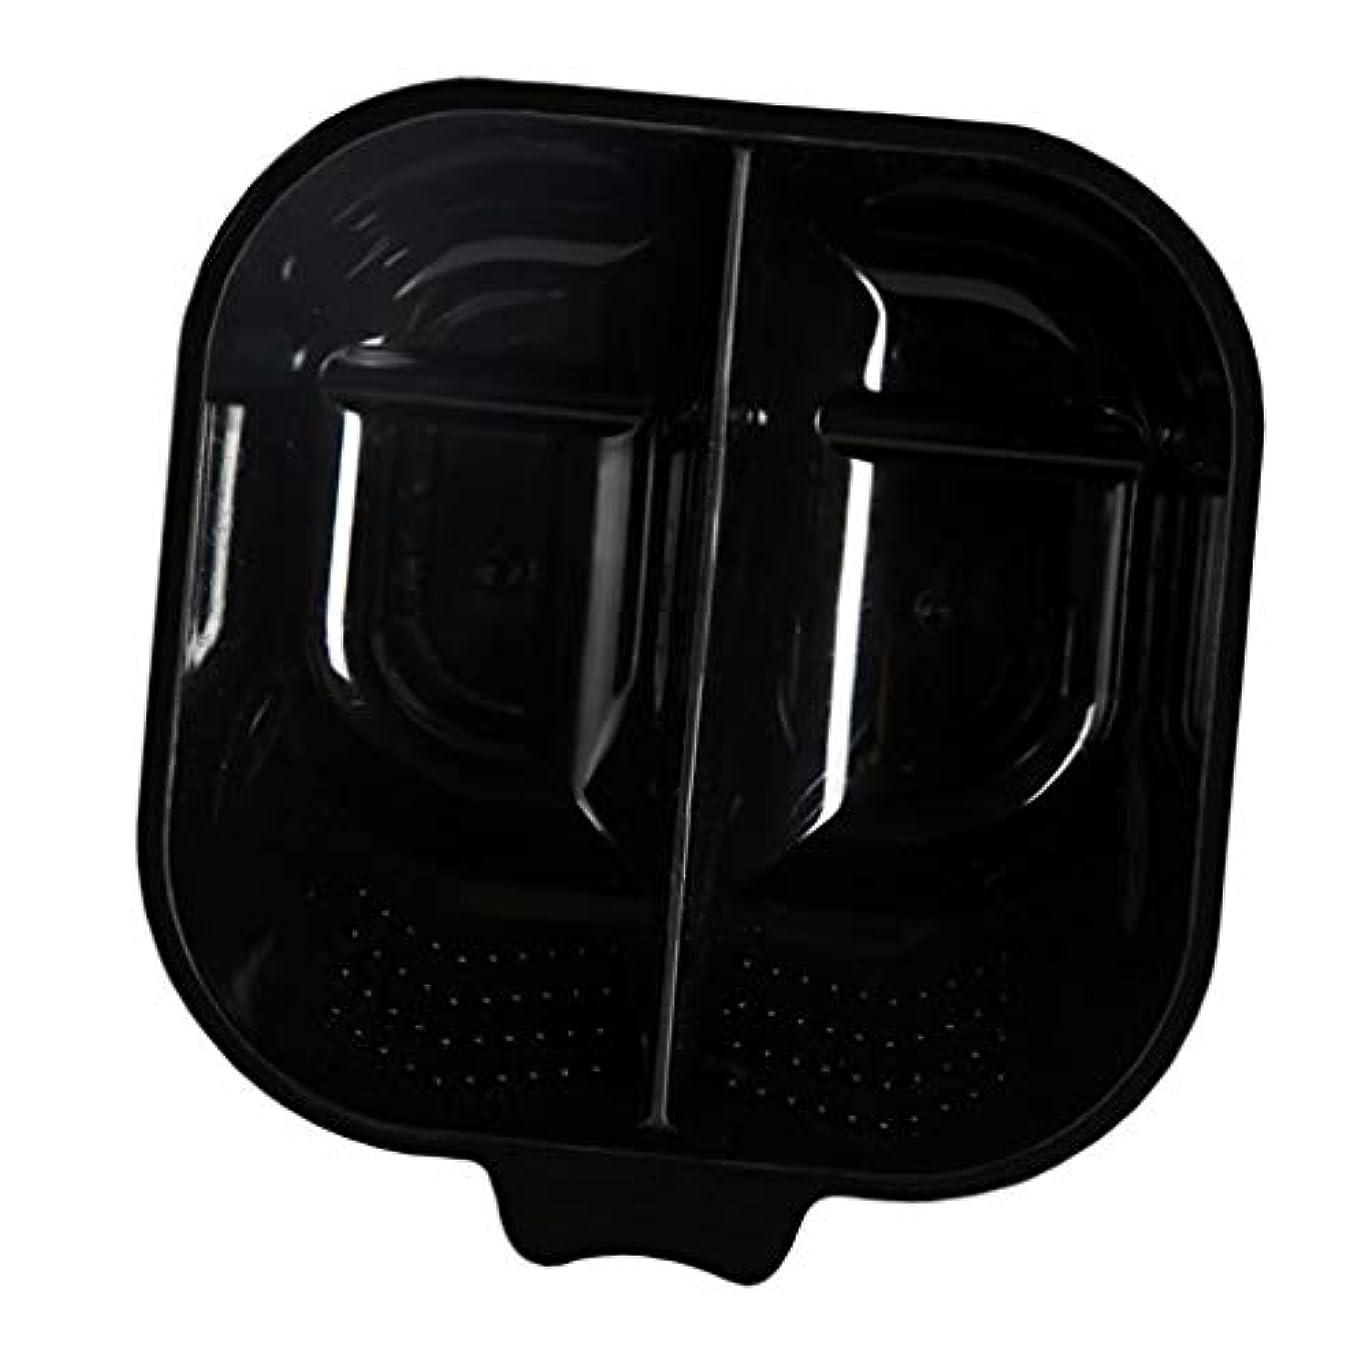 アルファベット再生宇宙飛行士ヘアカップ ヘアカラーボウル ヘアダイカップ 染料 混合ボール 滑り止め サロン 自宅 便利 全3色 - ブラック